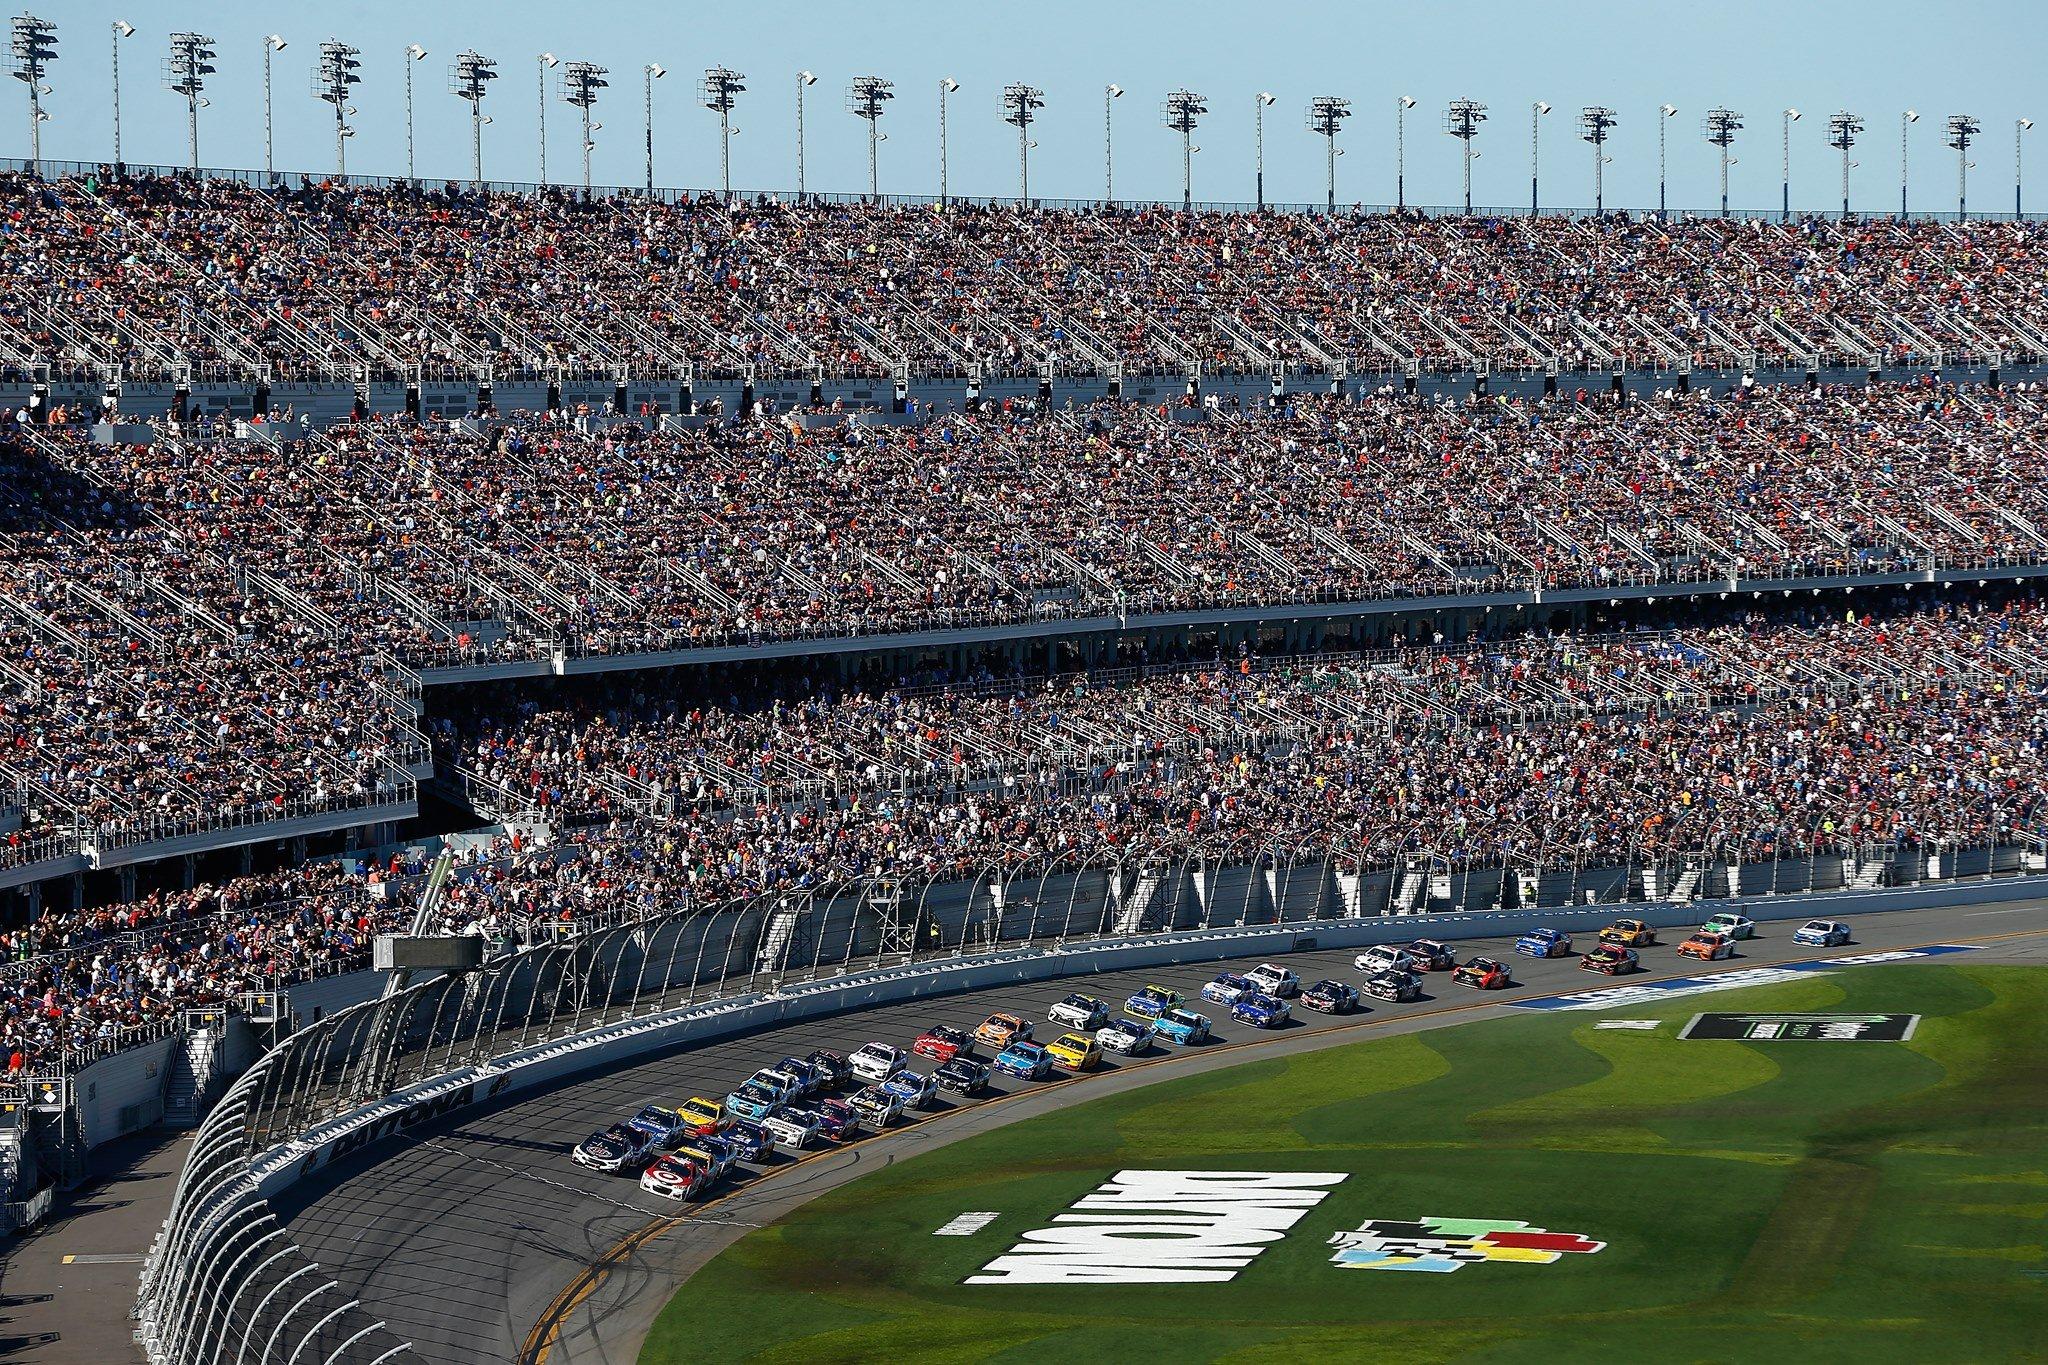 Daytona 500 - NASCAR - Grandstands